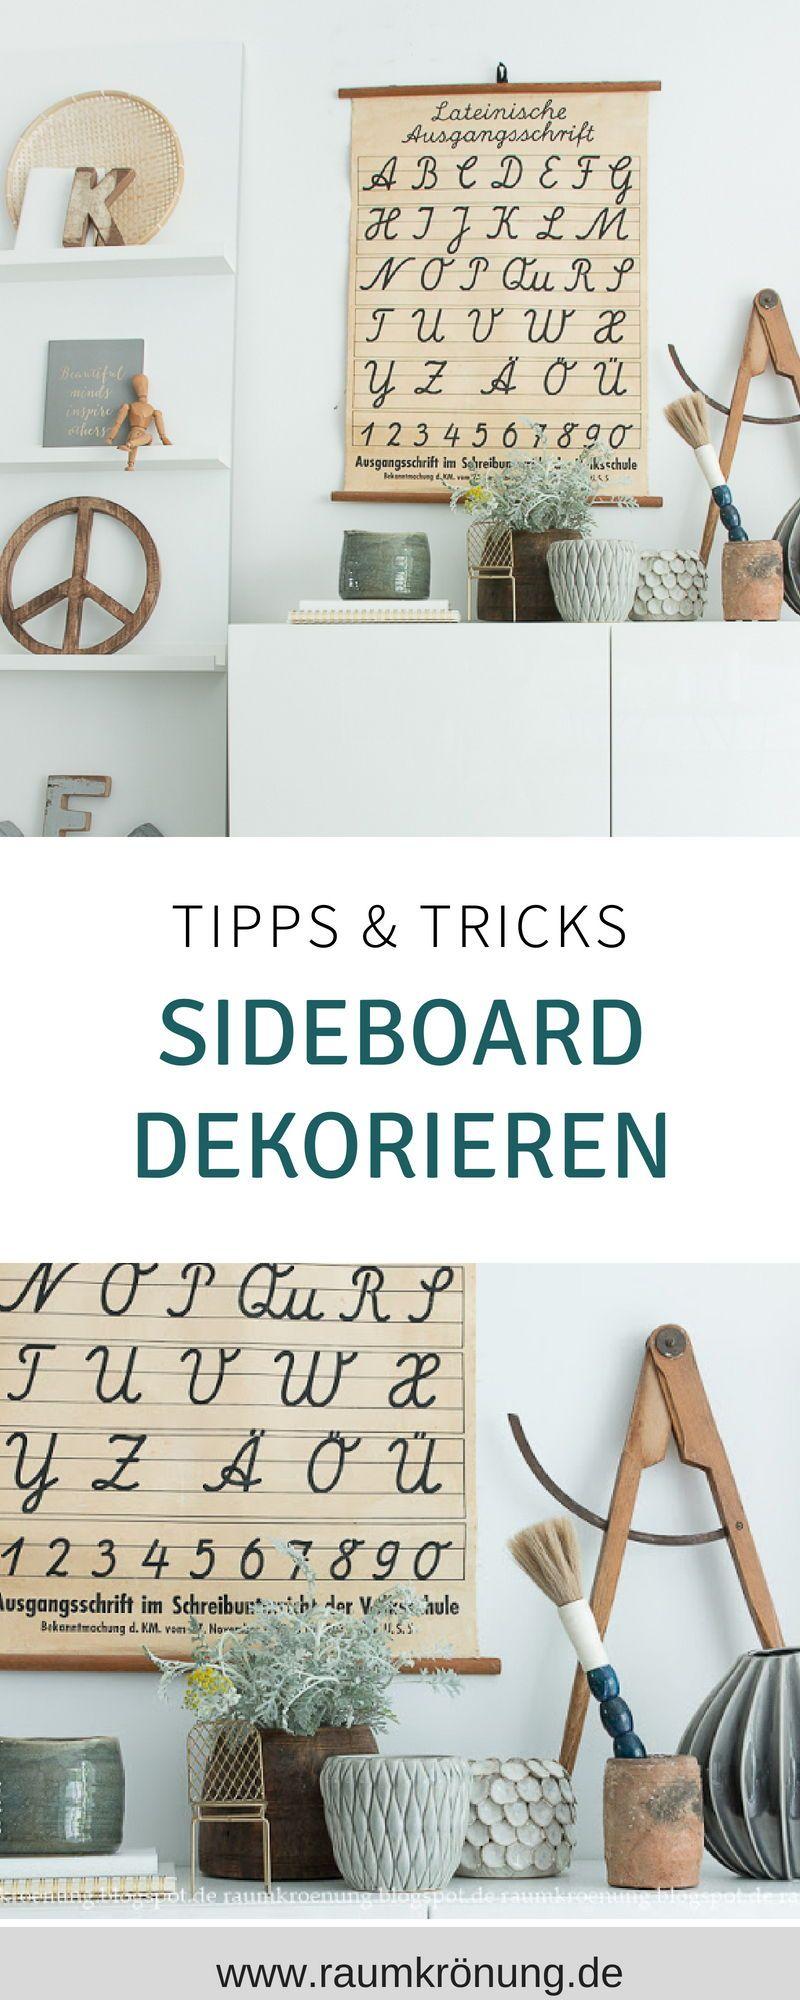 Wohnung Einrichten Stil deko, skandinavischer einrichtungsstil, einrichten skandinavisch